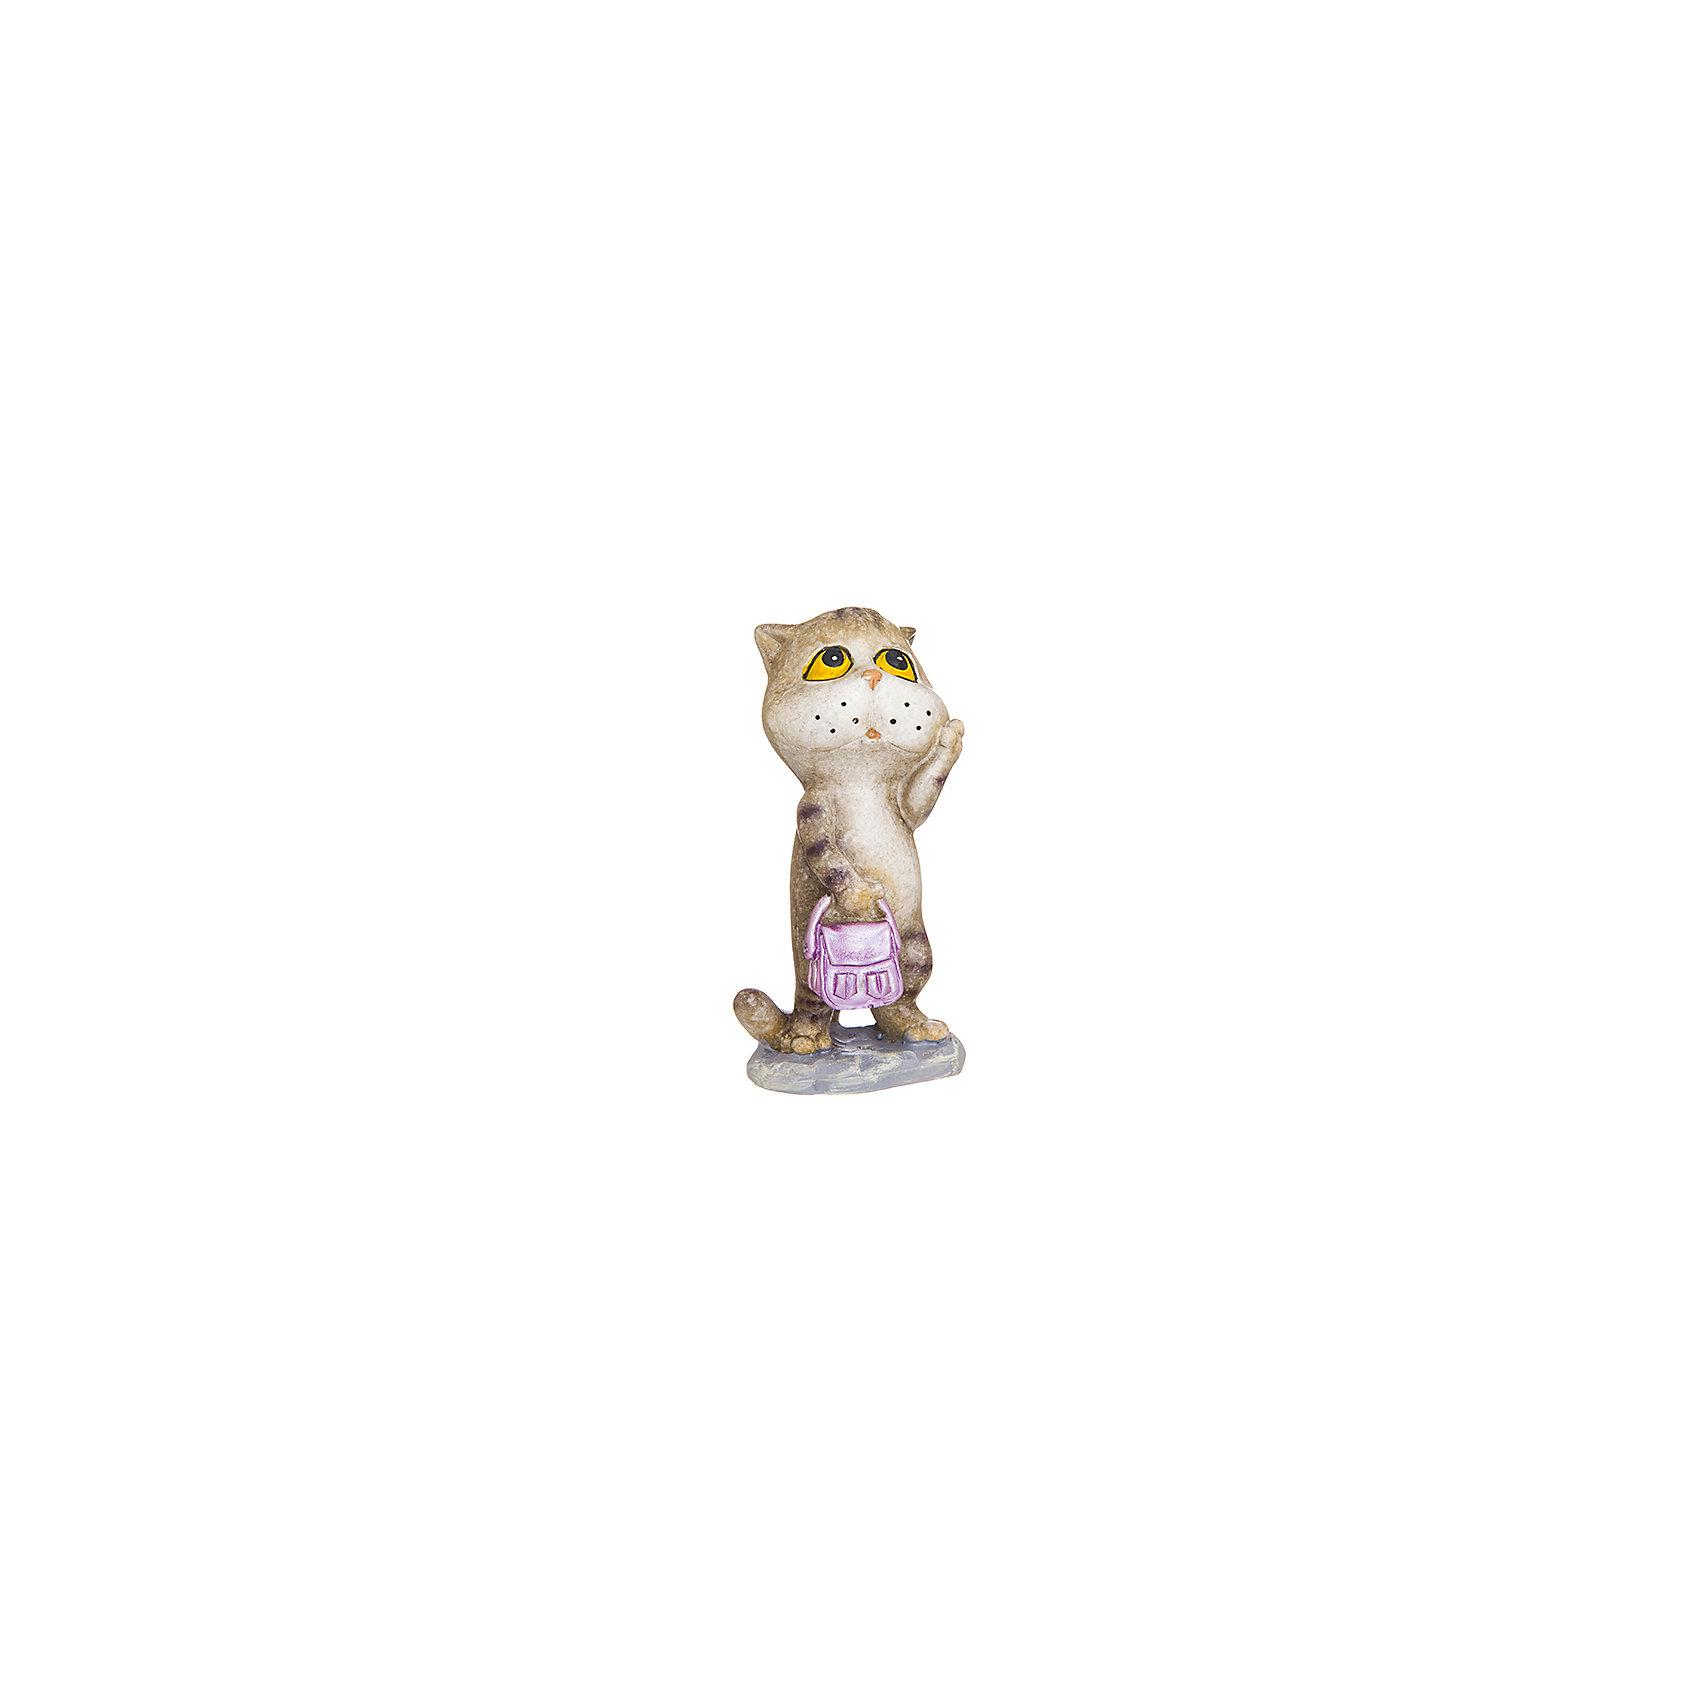 Фигурка декоративная Кошка - модница, Elan GalleryПредметы интерьера<br>Характеристики товара:<br><br>• цвет: мульти<br>• материал: полистоун<br>• высота: 10 см<br>• вес: 150 г<br>• подходит к любому интерьеру<br>• отлично проработаны детали<br>• универсальный размер<br>• страна бренда: Российская Федерация<br>• страна производства: Китай<br><br>Такая декоративная фигурка - отличный пример красивой вещи для любого интерьера. Благодаря универсальному дизайну и расцветке она хорошо будет смотреться в помещении.<br><br>Декоративная фигурка может стать отличным приобретением для дома или подарком для любителей симпатичных вещей, украшающих пространство.<br><br>Бренд Elan Gallery - это красивые и практичные товары для дома с современным дизайном. Они добавляют в жильё уюта и комфорта! <br><br>Фигурку декоративную Кошка - модница Elan Gallery можно купить в нашем интернет-магазине.<br><br>Ширина мм: 65<br>Глубина мм: 55<br>Высота мм: 115<br>Вес г: 133<br>Возраст от месяцев: 0<br>Возраст до месяцев: 1188<br>Пол: Унисекс<br>Возраст: Детский<br>SKU: 6669032